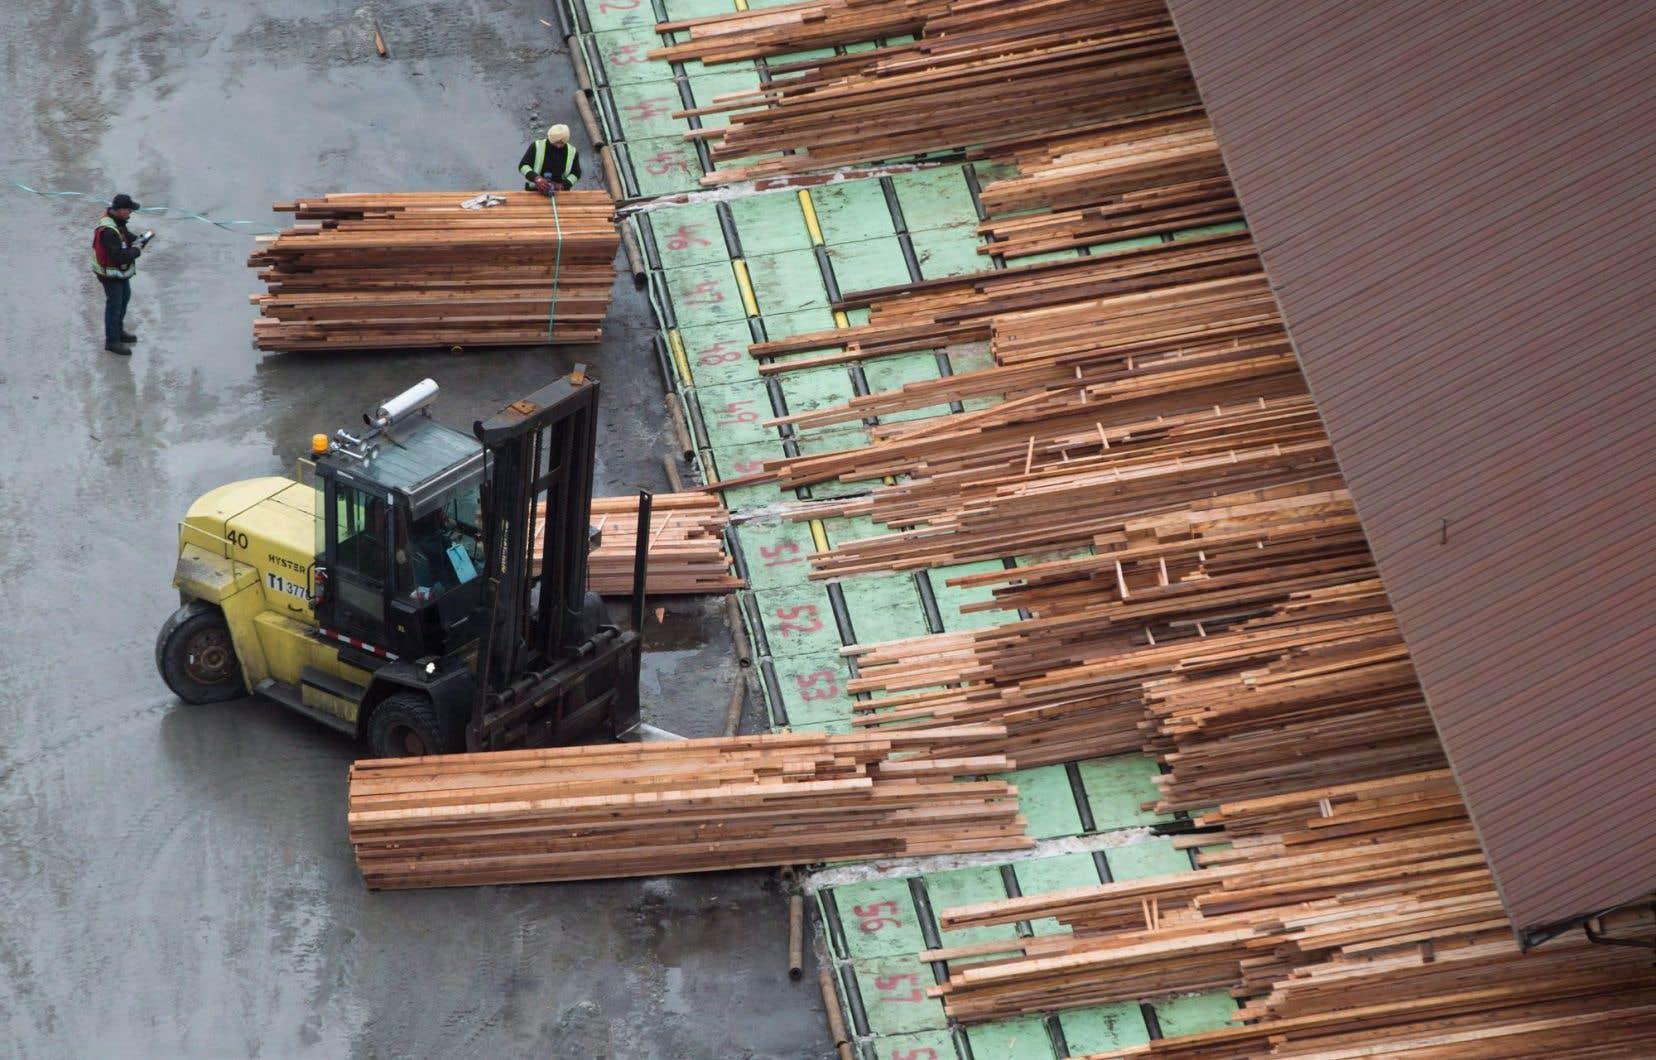 Le bois d'oeuvre n'est pas le seul produit canadien qui pourrait subir les foudres de la Maison-Blanche.